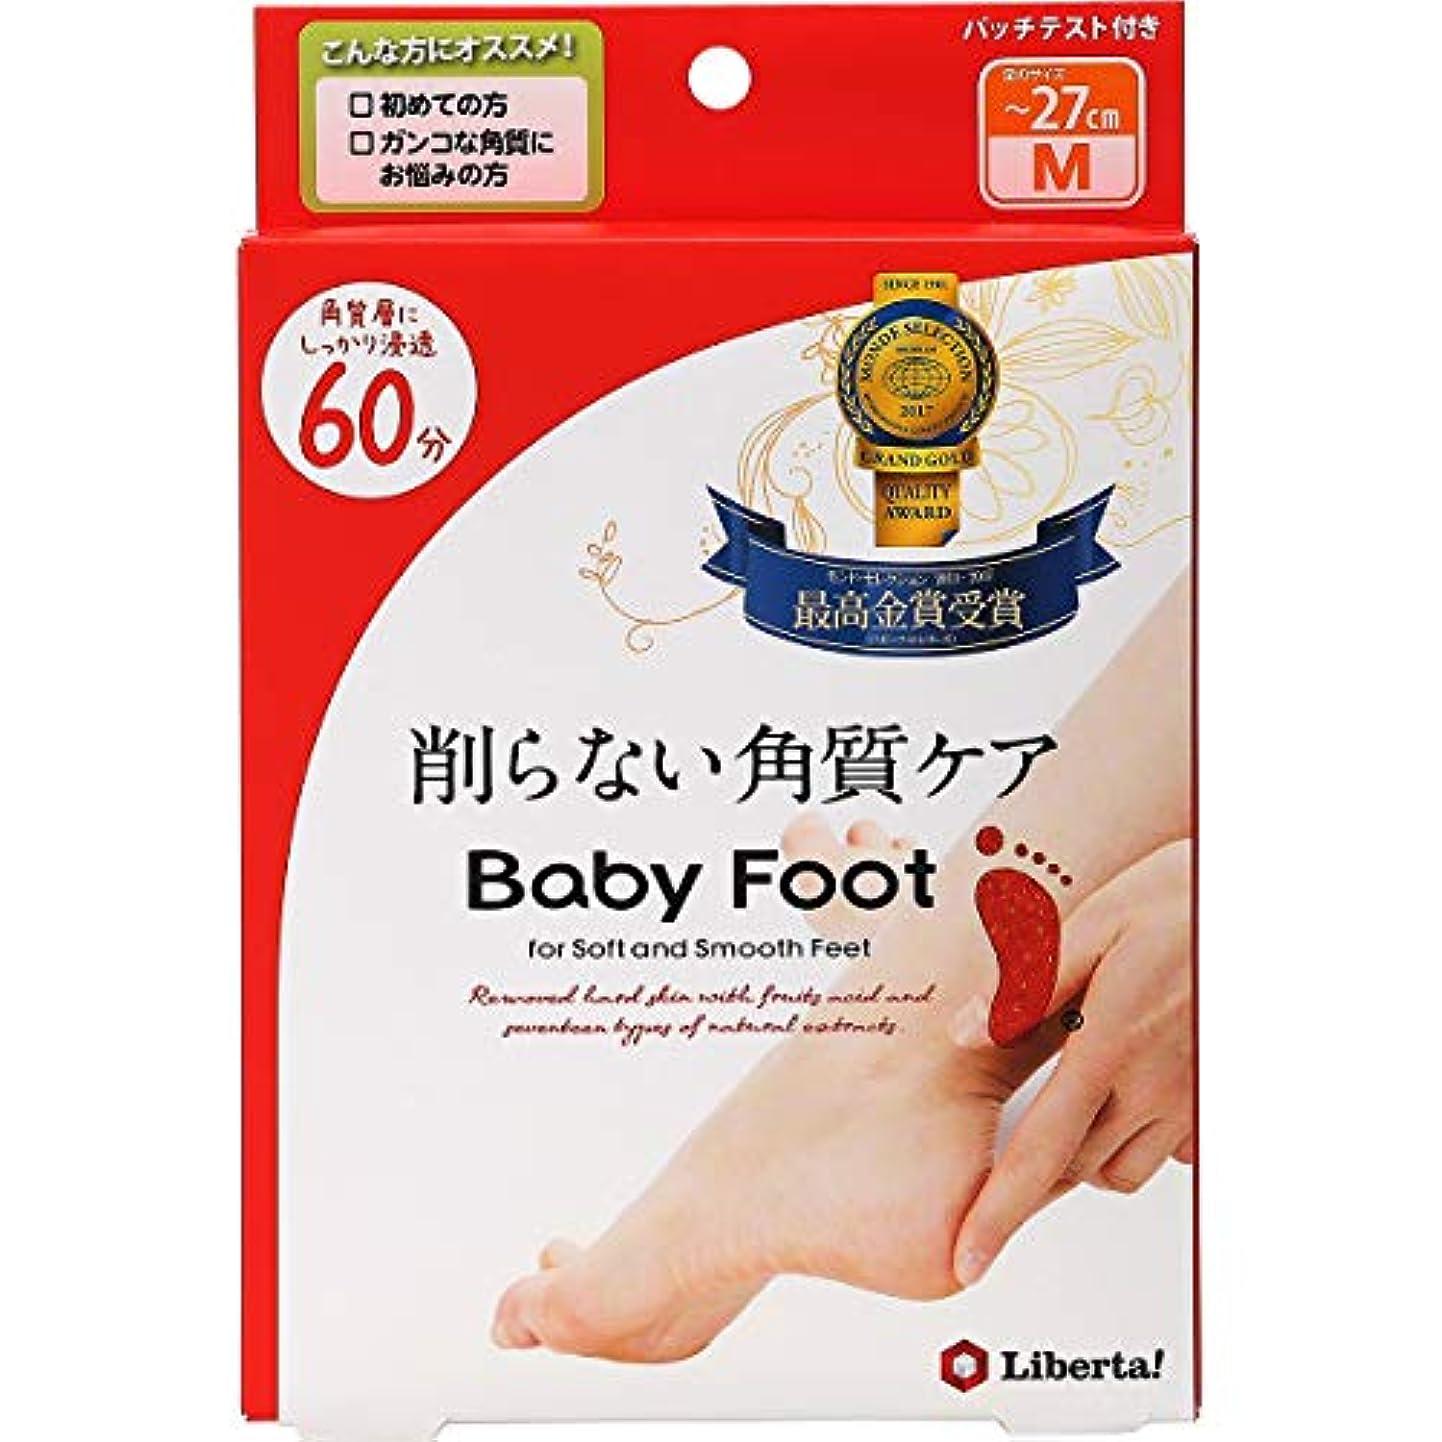 編集者机定数ベビーフット (Baby Foot) ベビーフット イージーパック SPT60分タイプ Mサイズ 単品